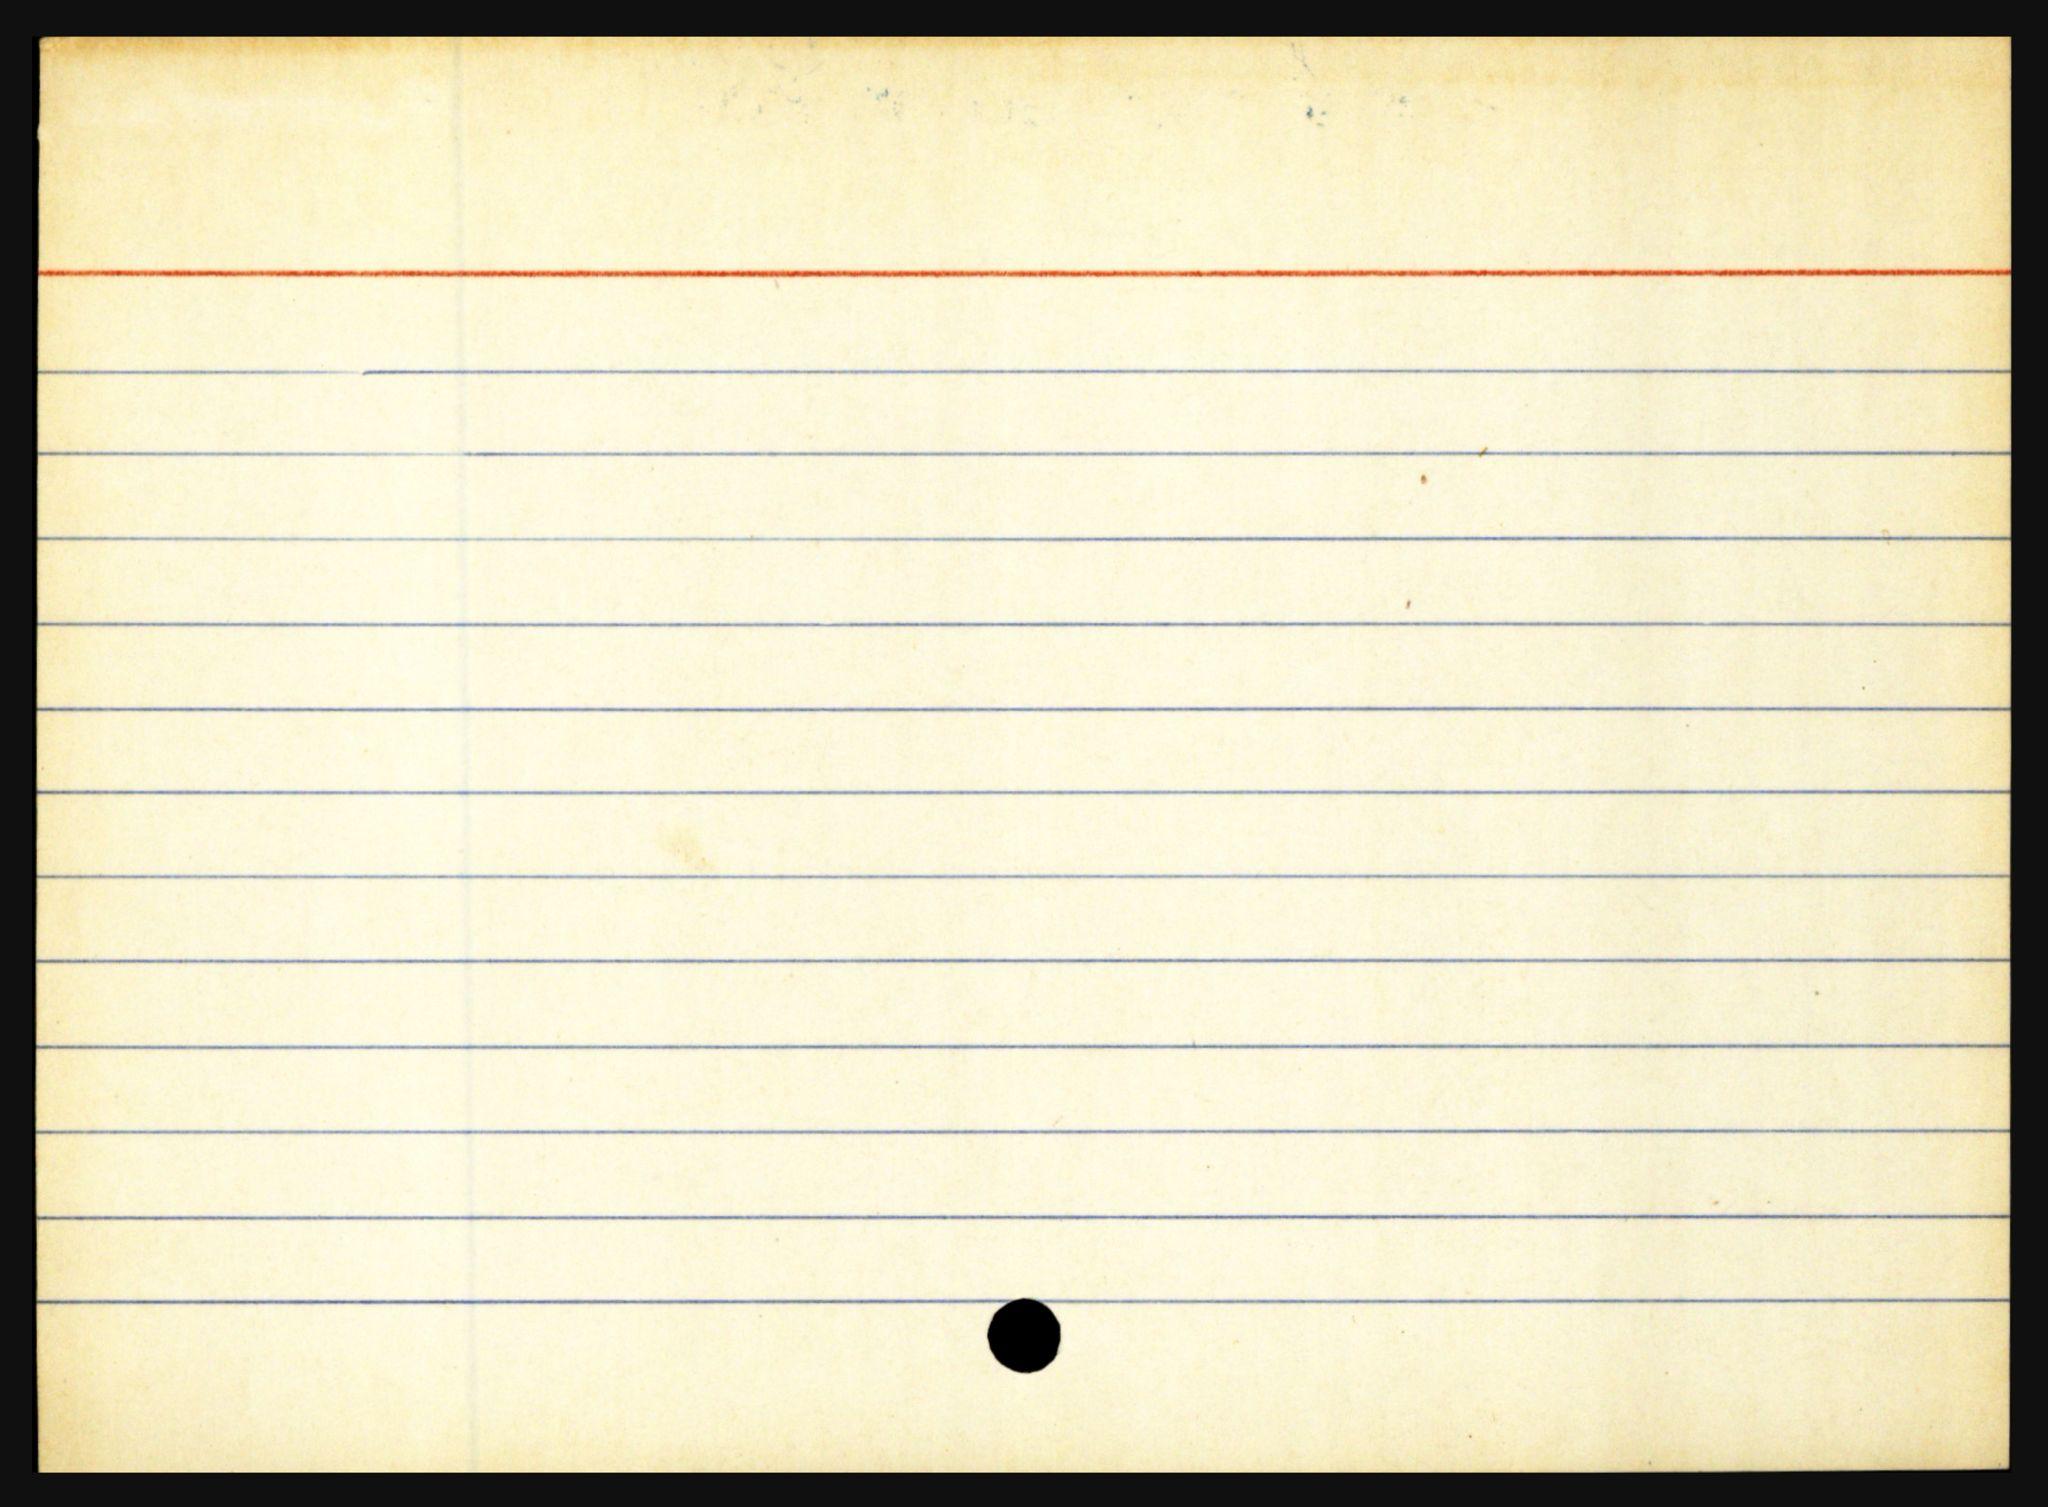 SAK, Lister sorenskriveri, H, s. 23952